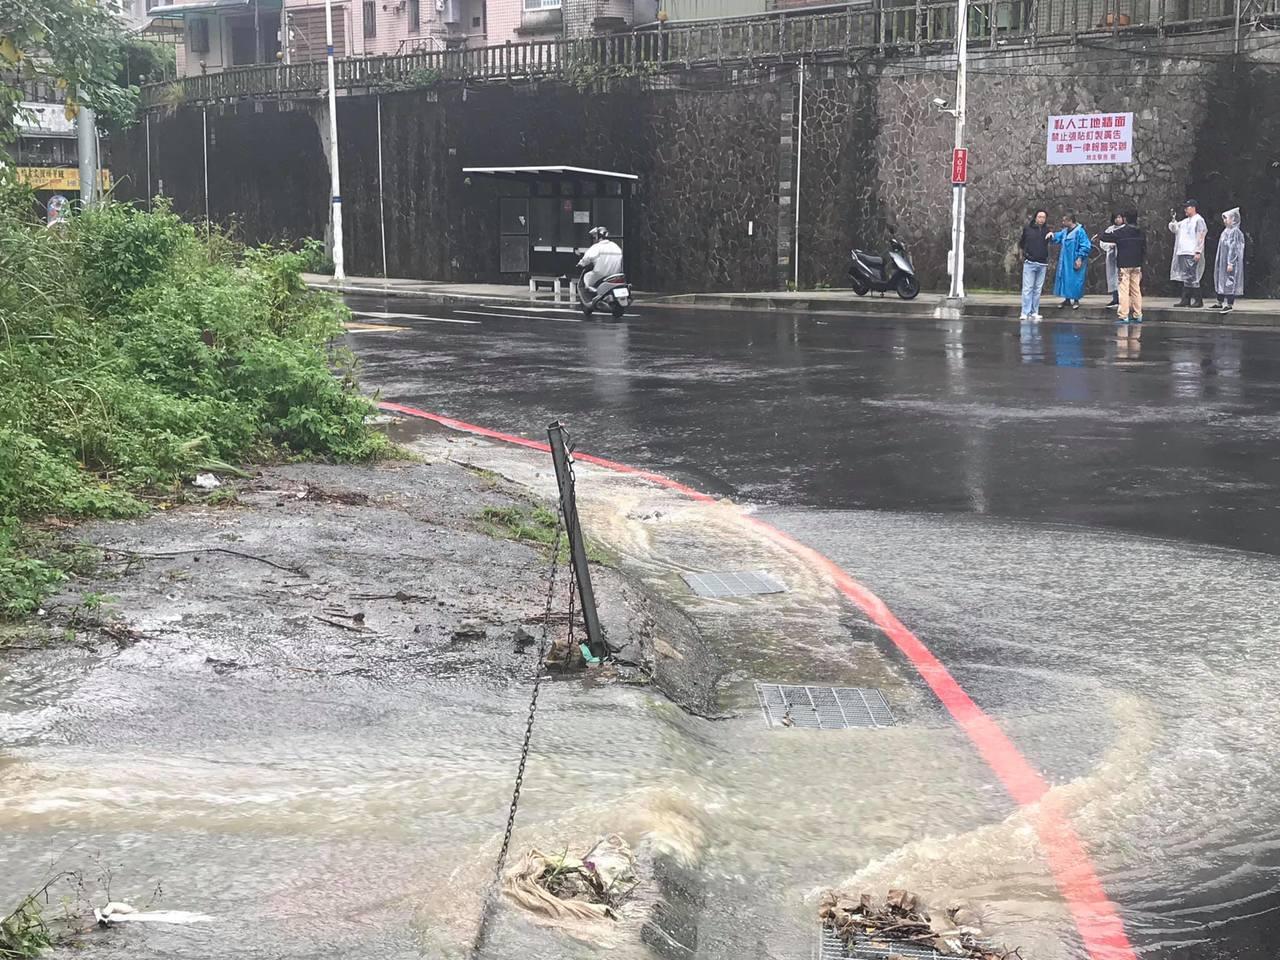 基隆間歇性大雨累積雨量95毫米 中和路等多處道路積水